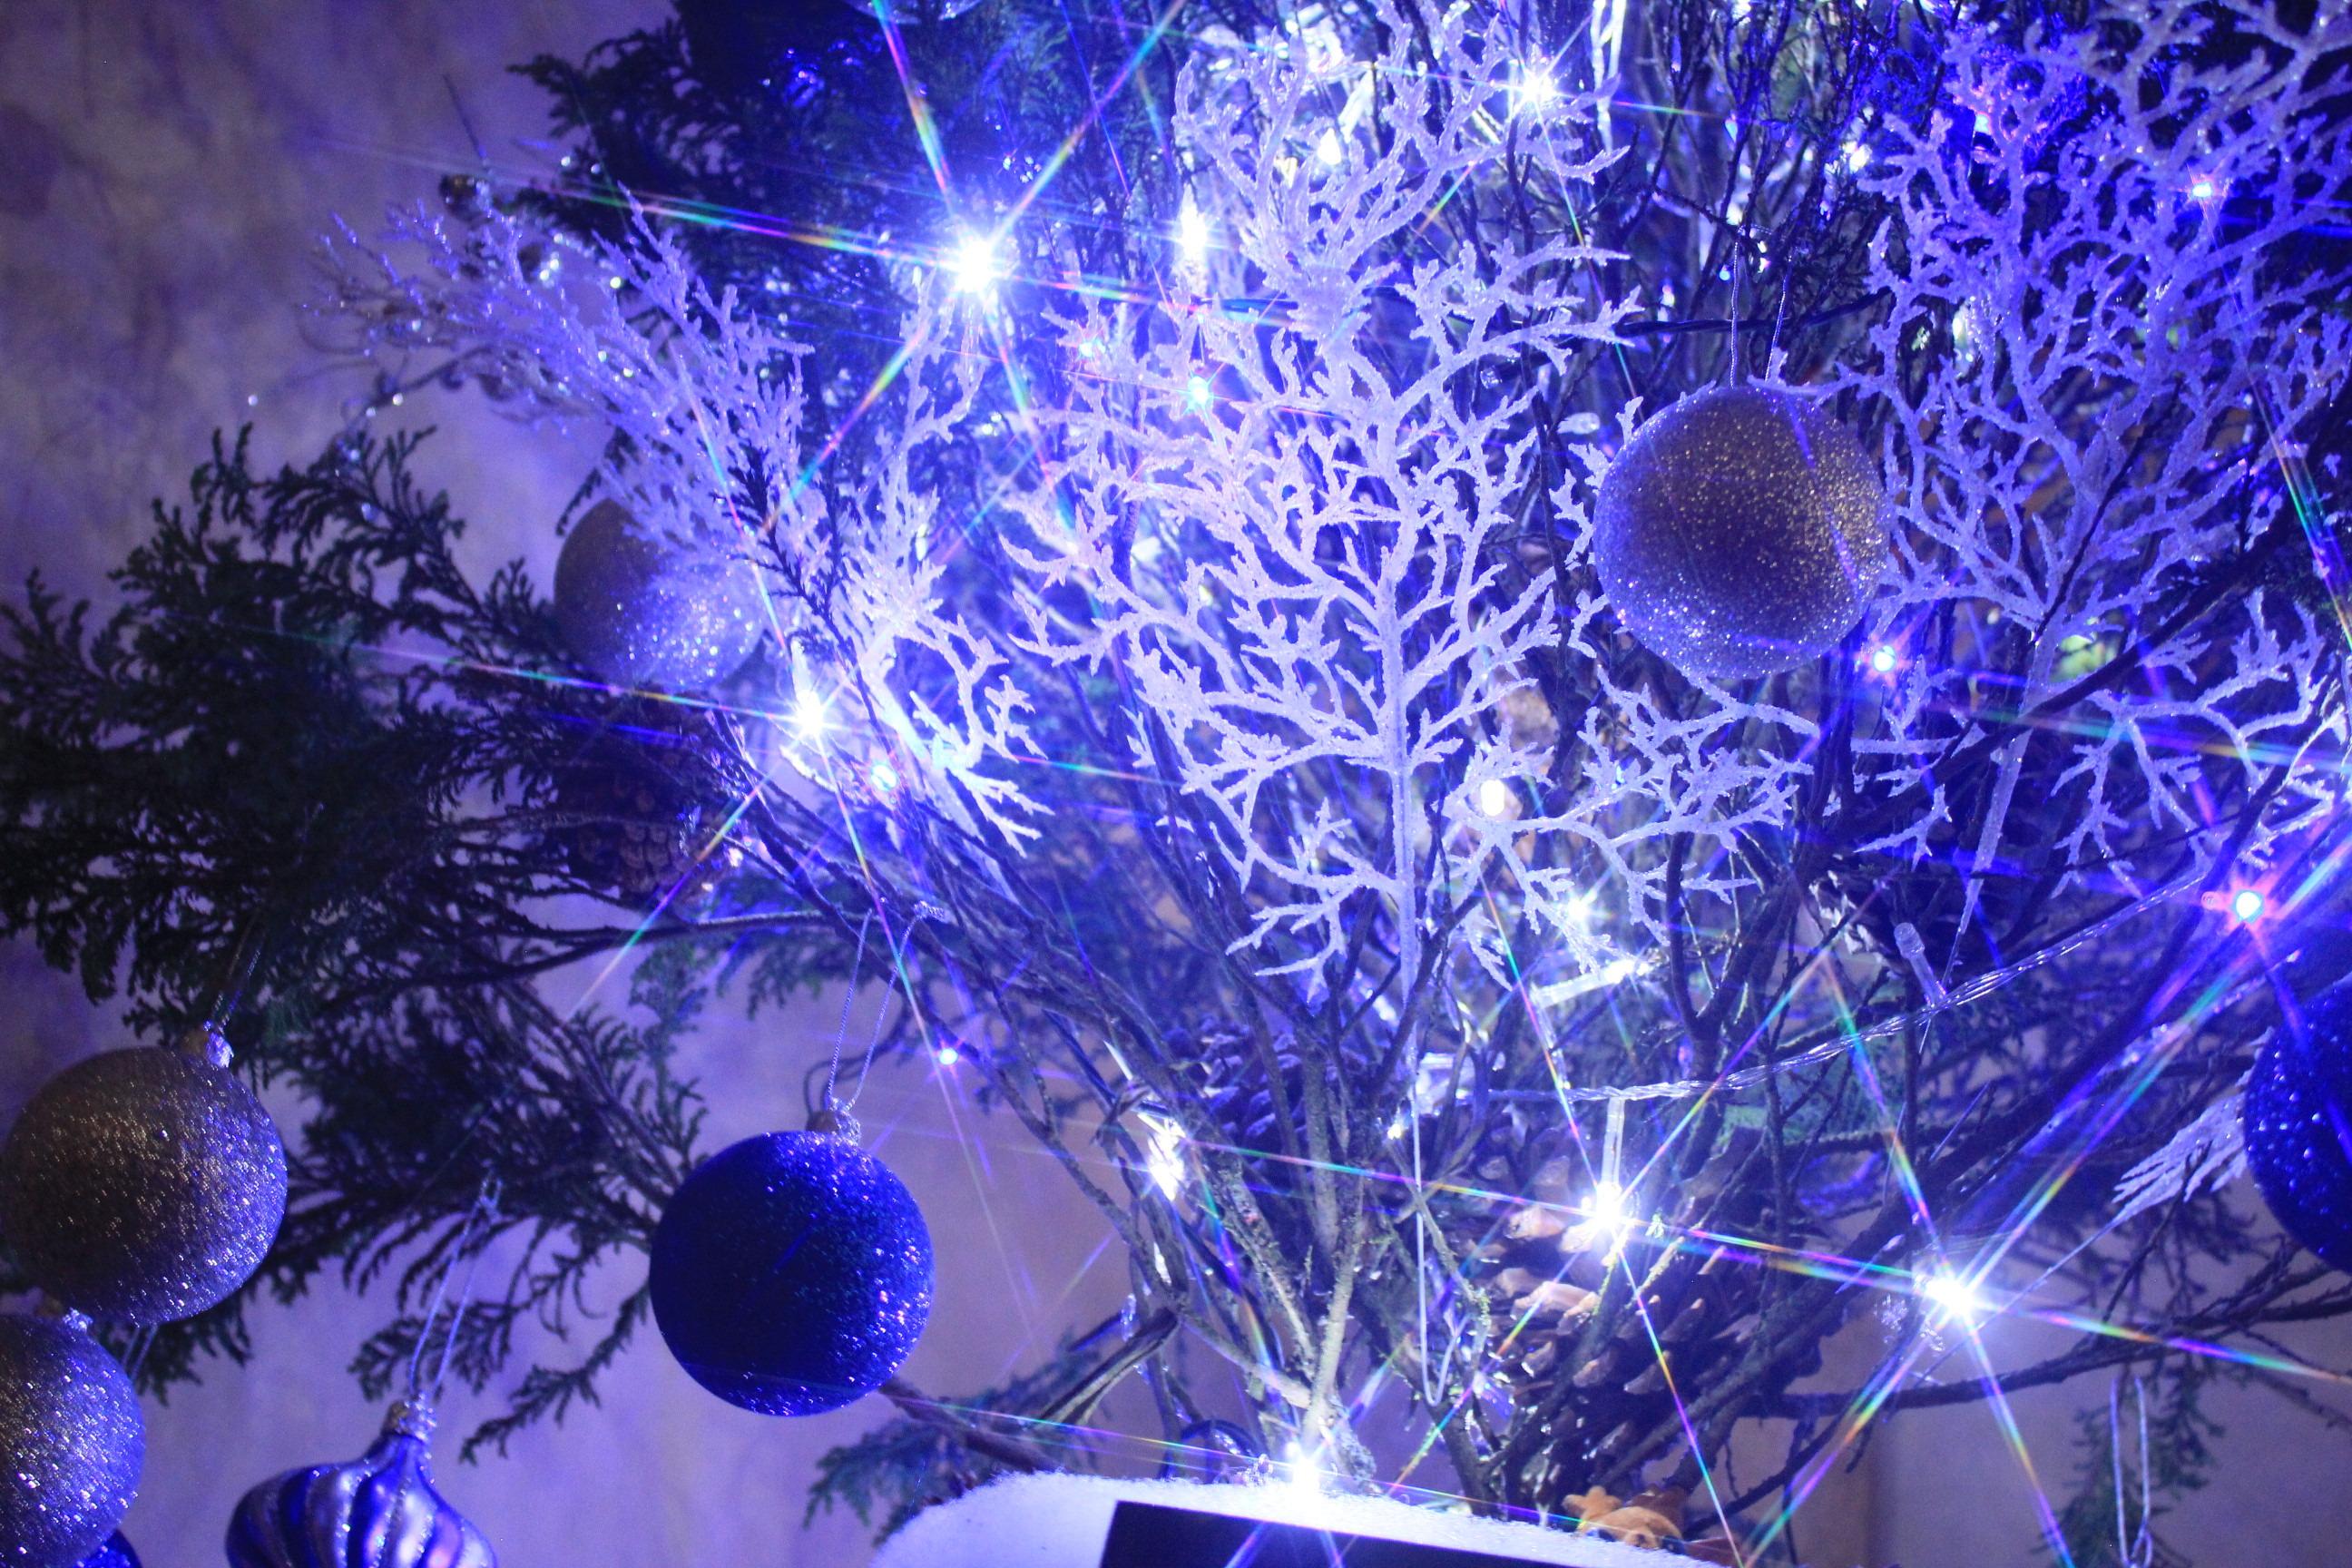 decoracao arvore de natal azul:arvore-de-natal-personalz-azul-branco-roxo arvore-de-natal-personalz